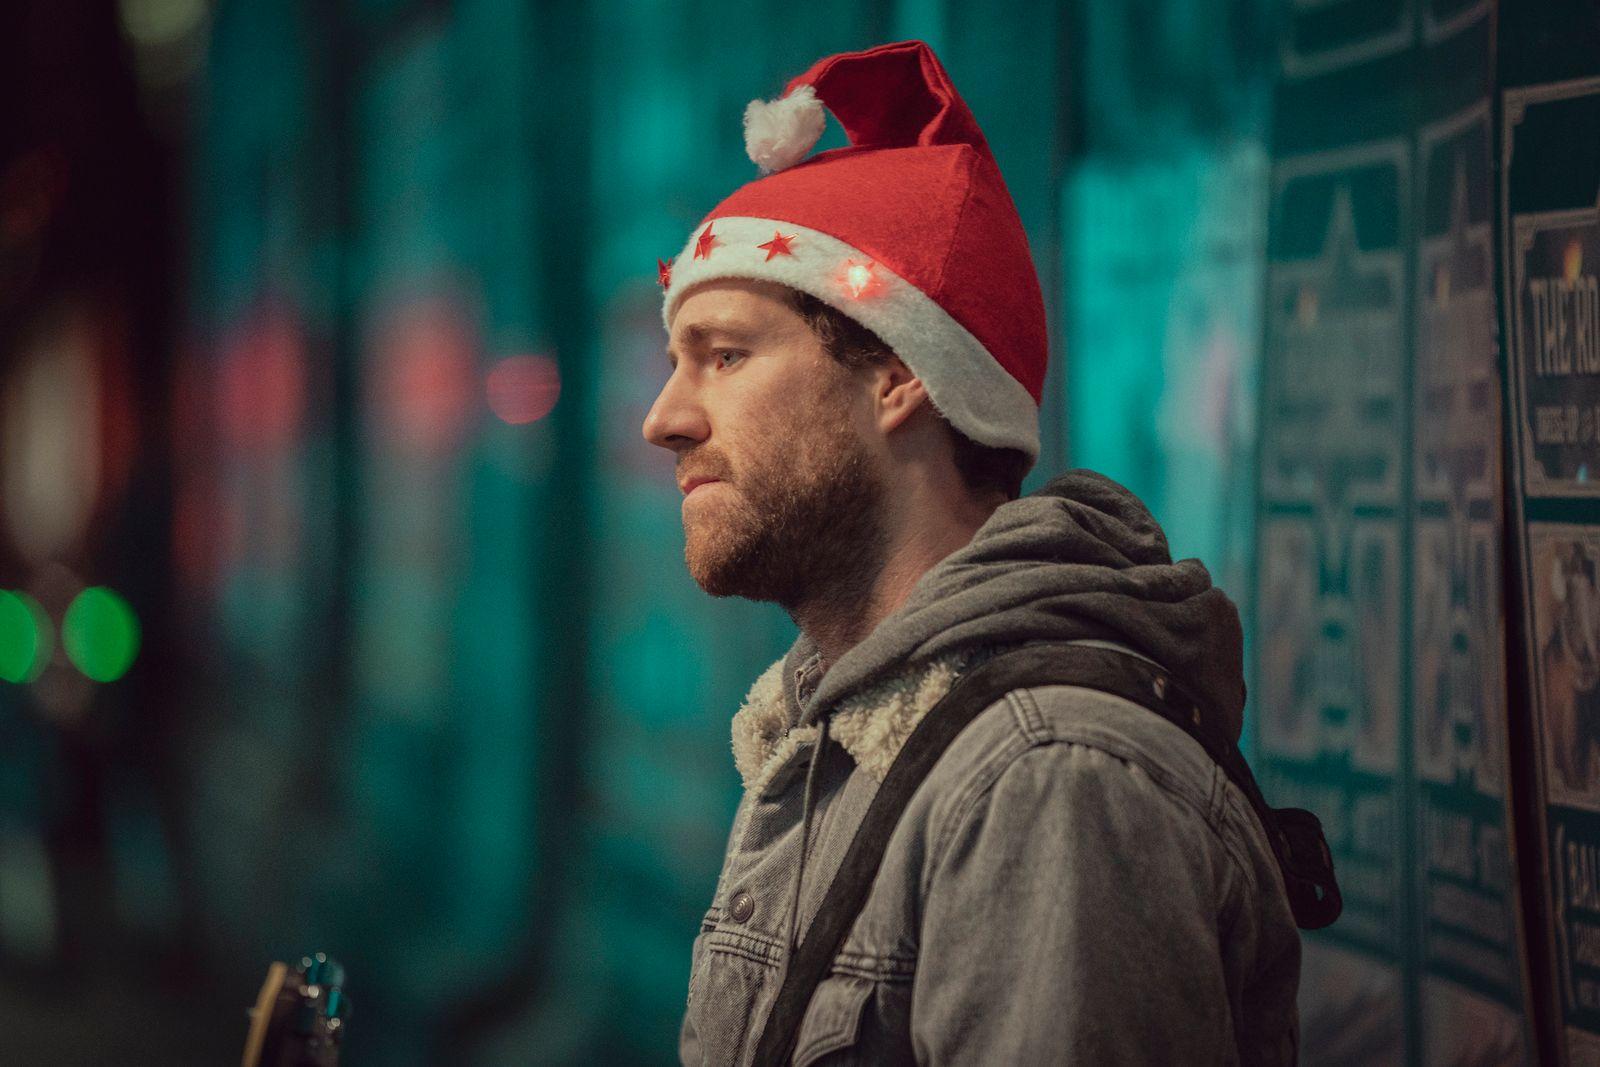 ÜberWeihnachten / Netflix